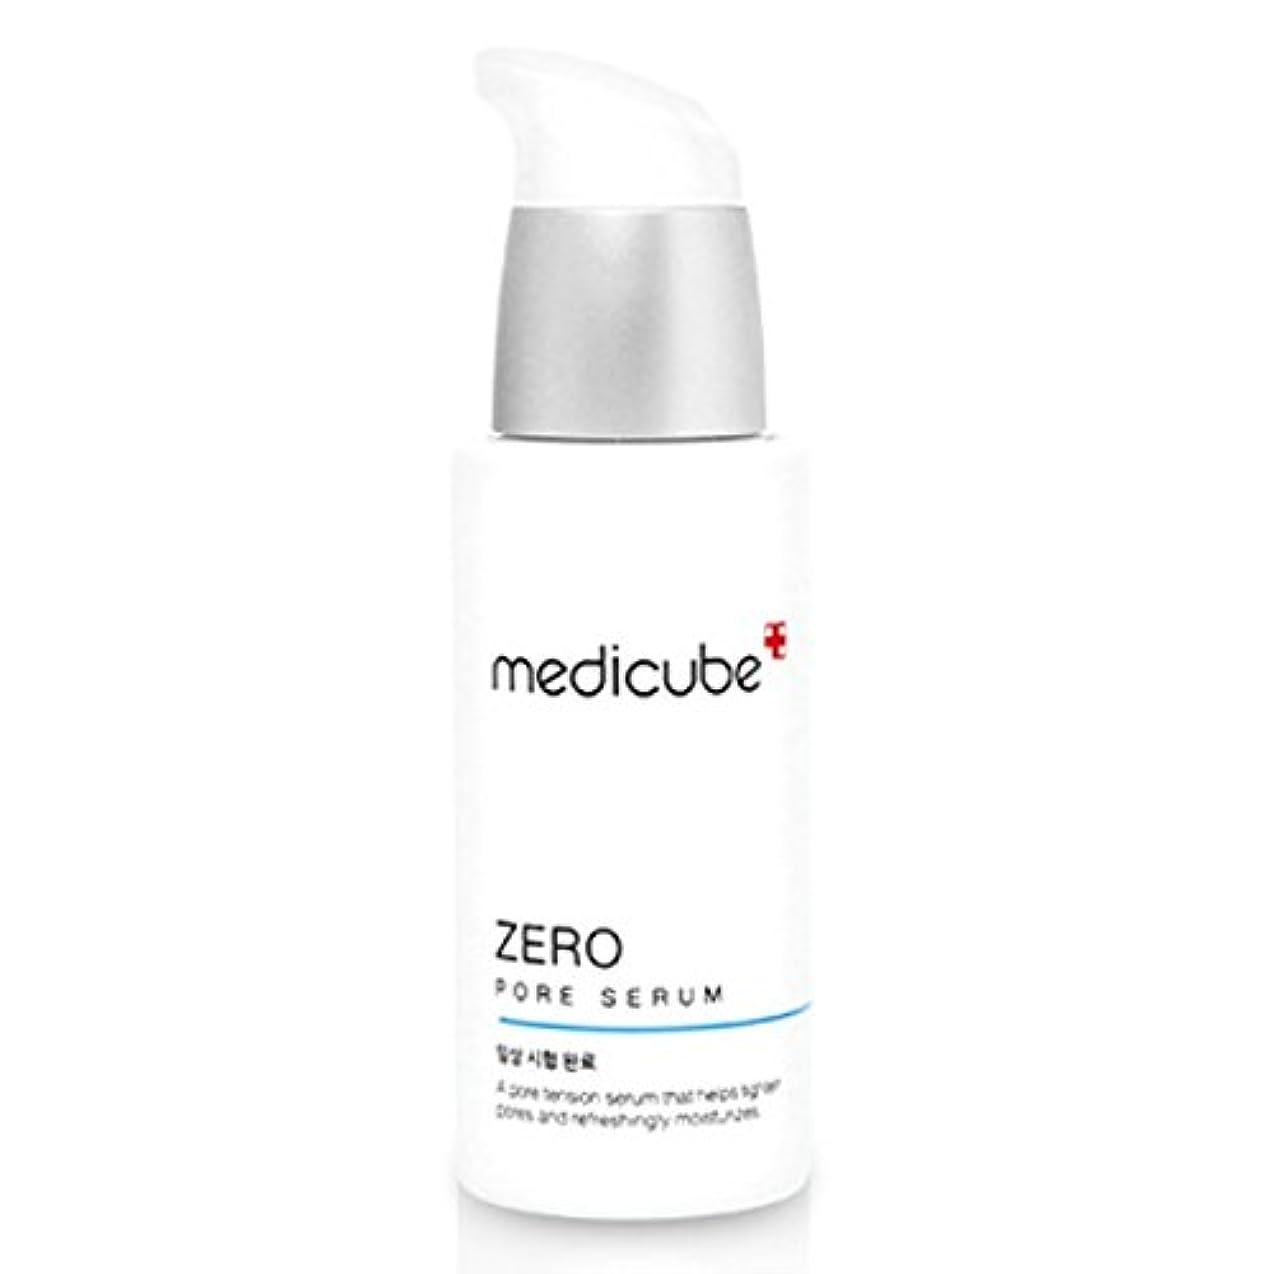 予防接種するスクリュー不完全な[Medicube メディキューブ] ゼロポアセラム 27ml / Zero Pore Serum 27ml [並行輸入品]